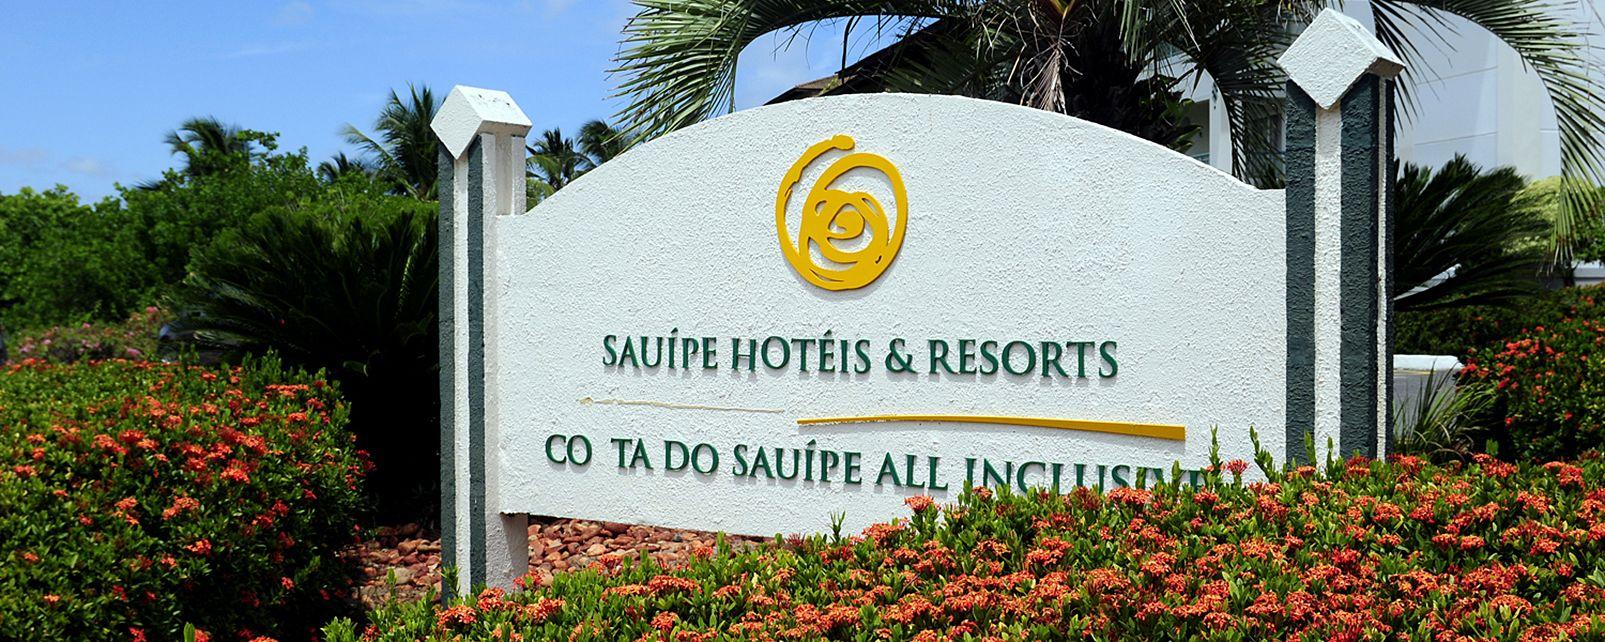 Hotel Costa do Sauipe All Inclusive